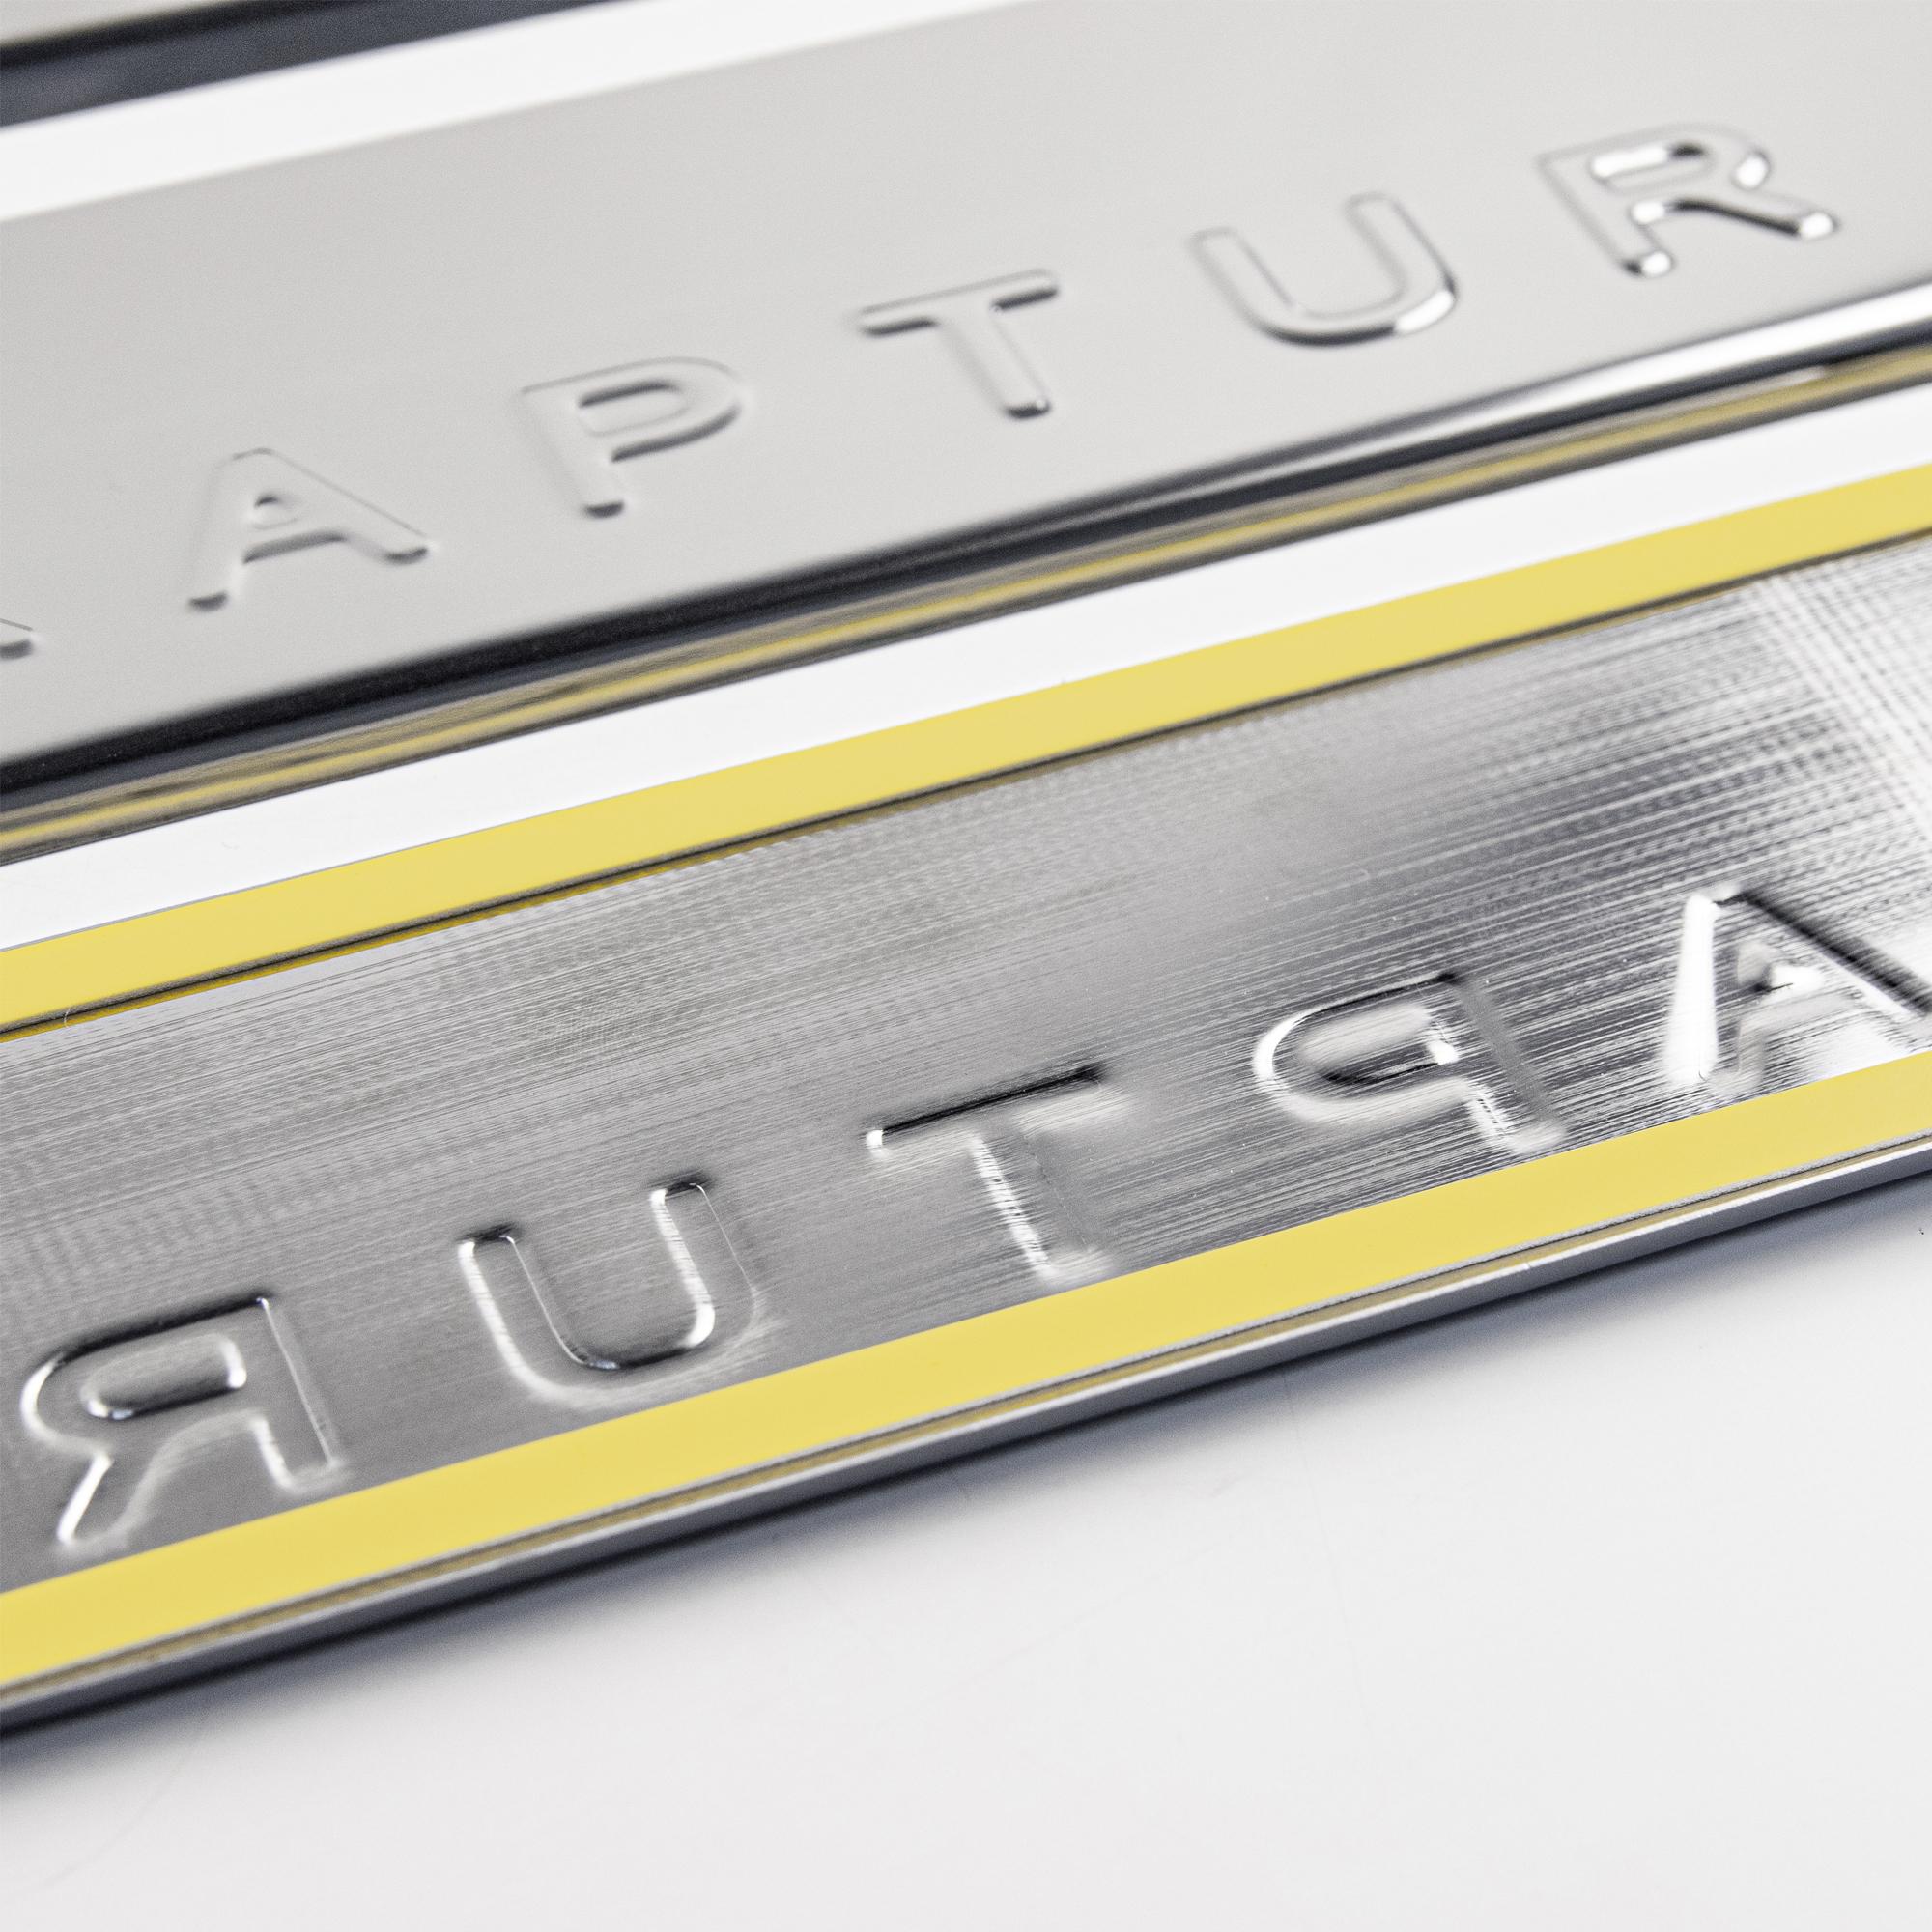 Накладки на пороги в проем дверей (нержавейка) для Renault Kaptur2